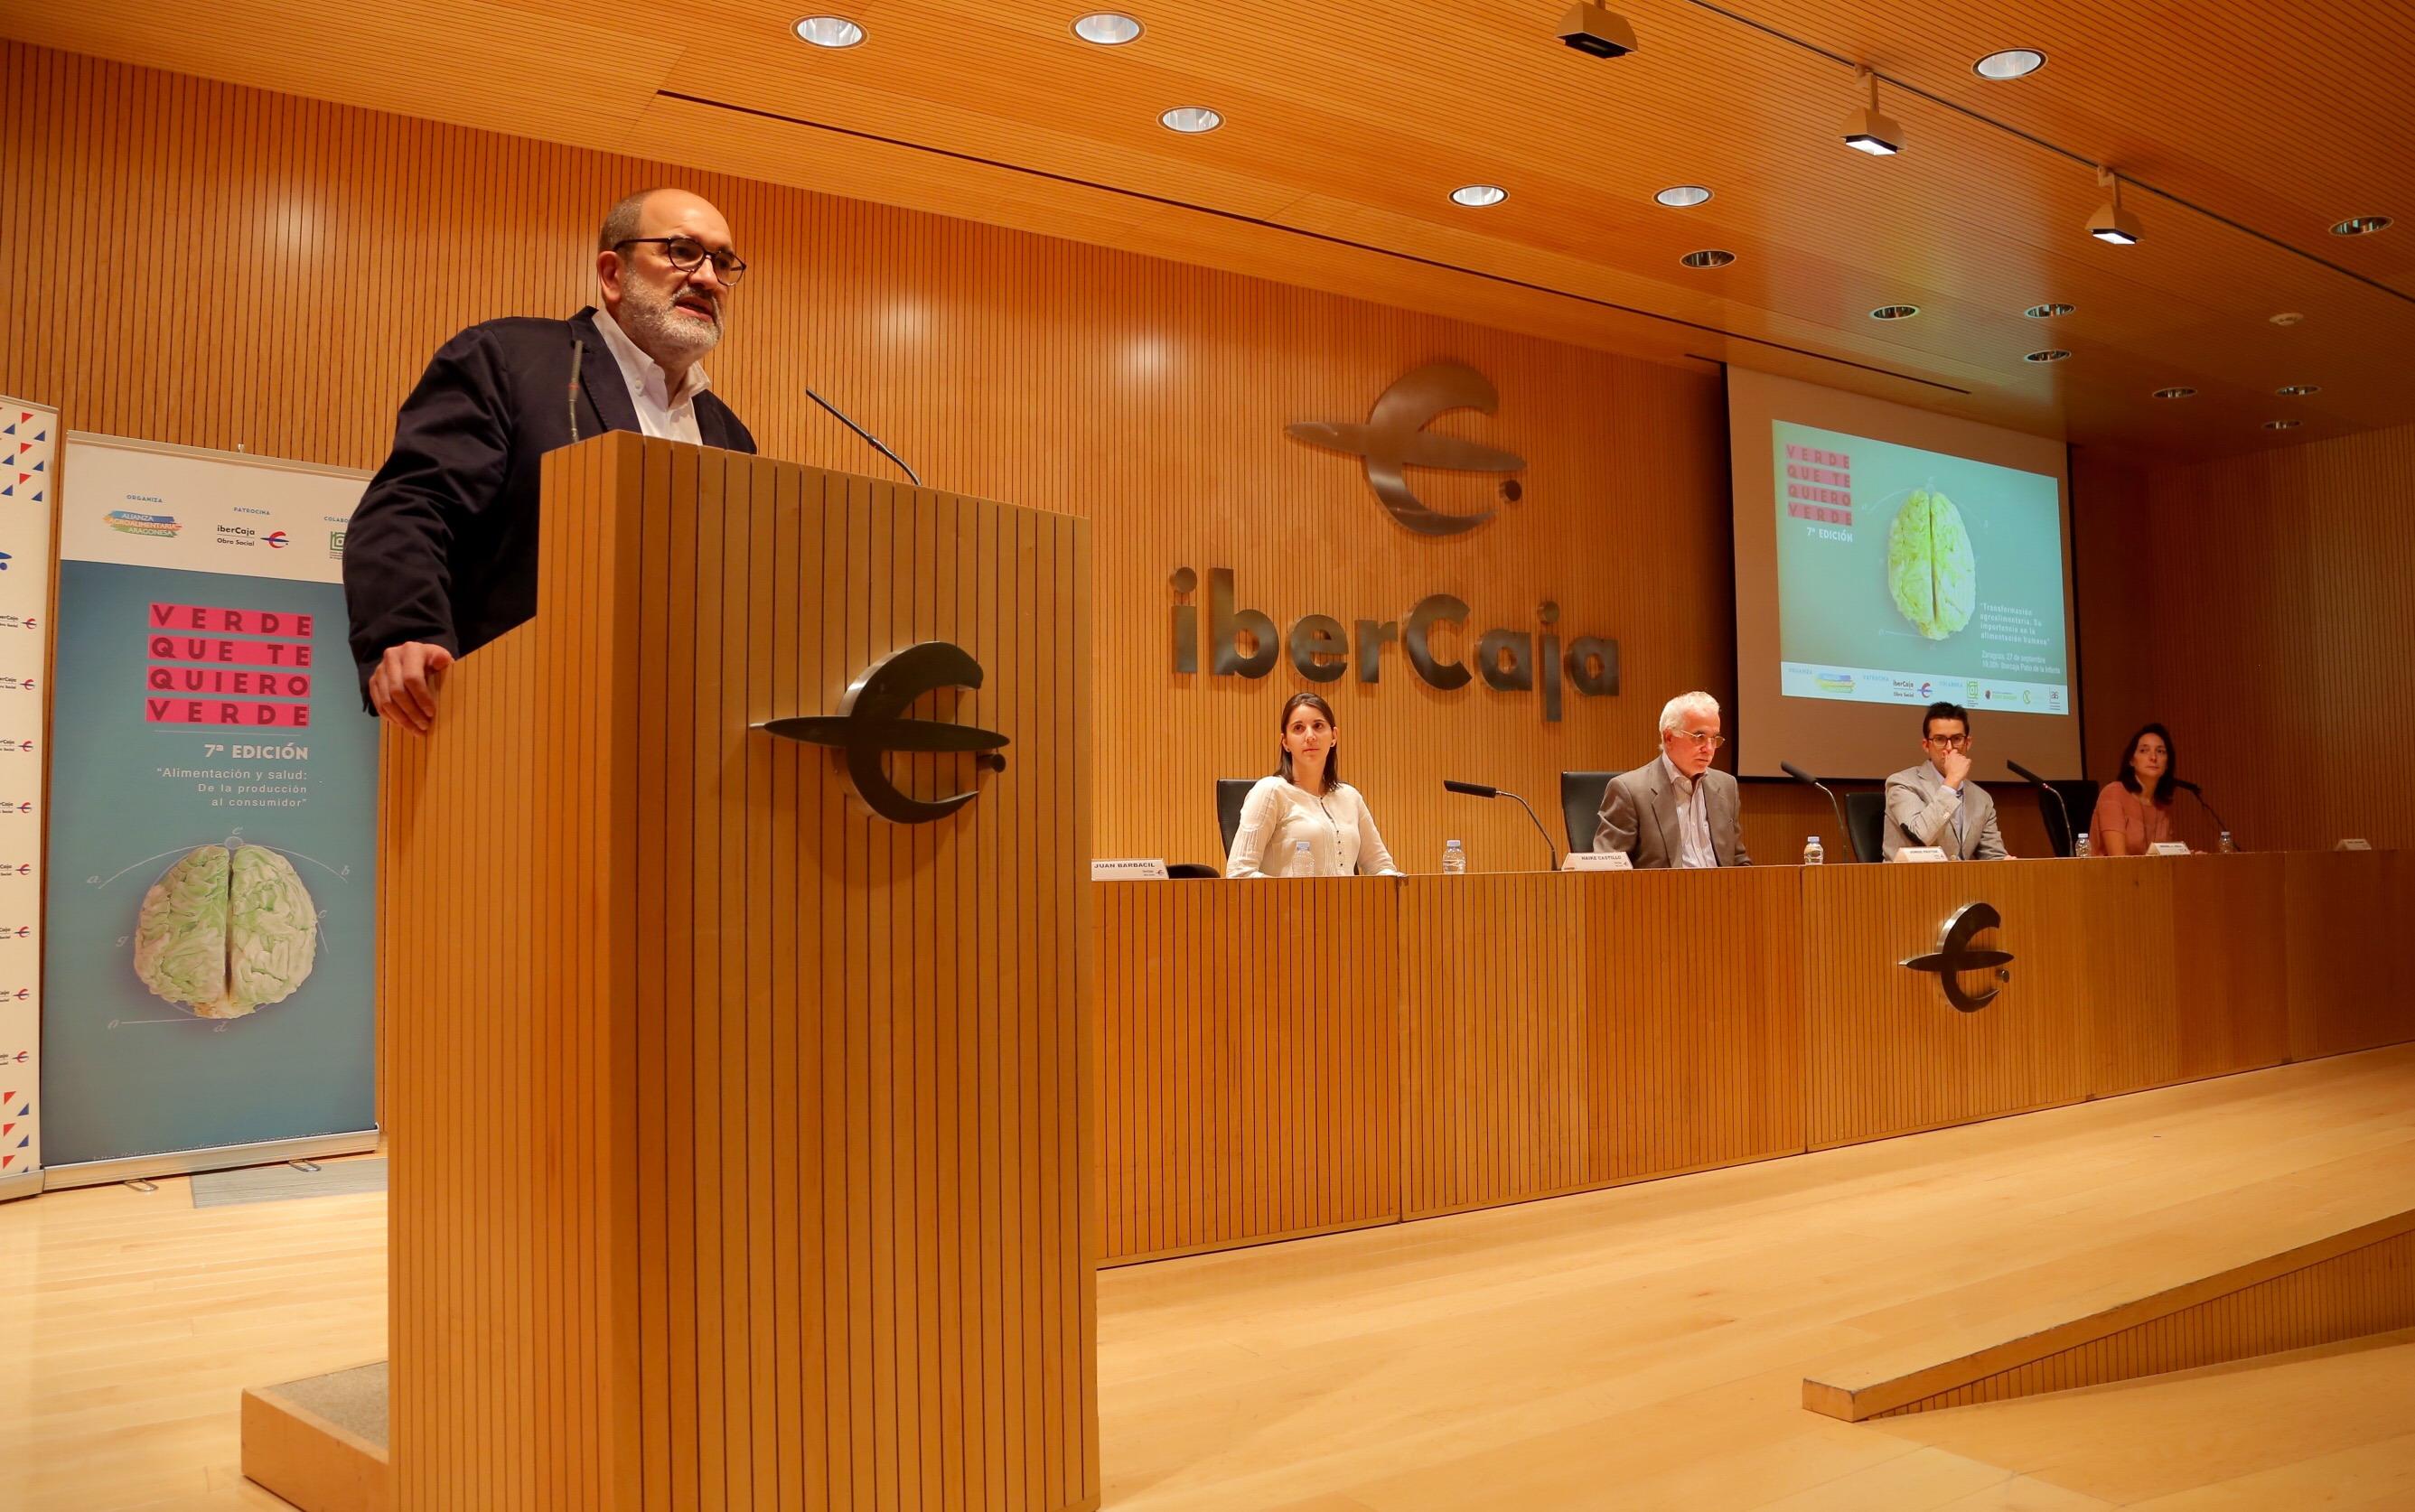 Mesa de los ponentes y presentación de Juan Barbacil